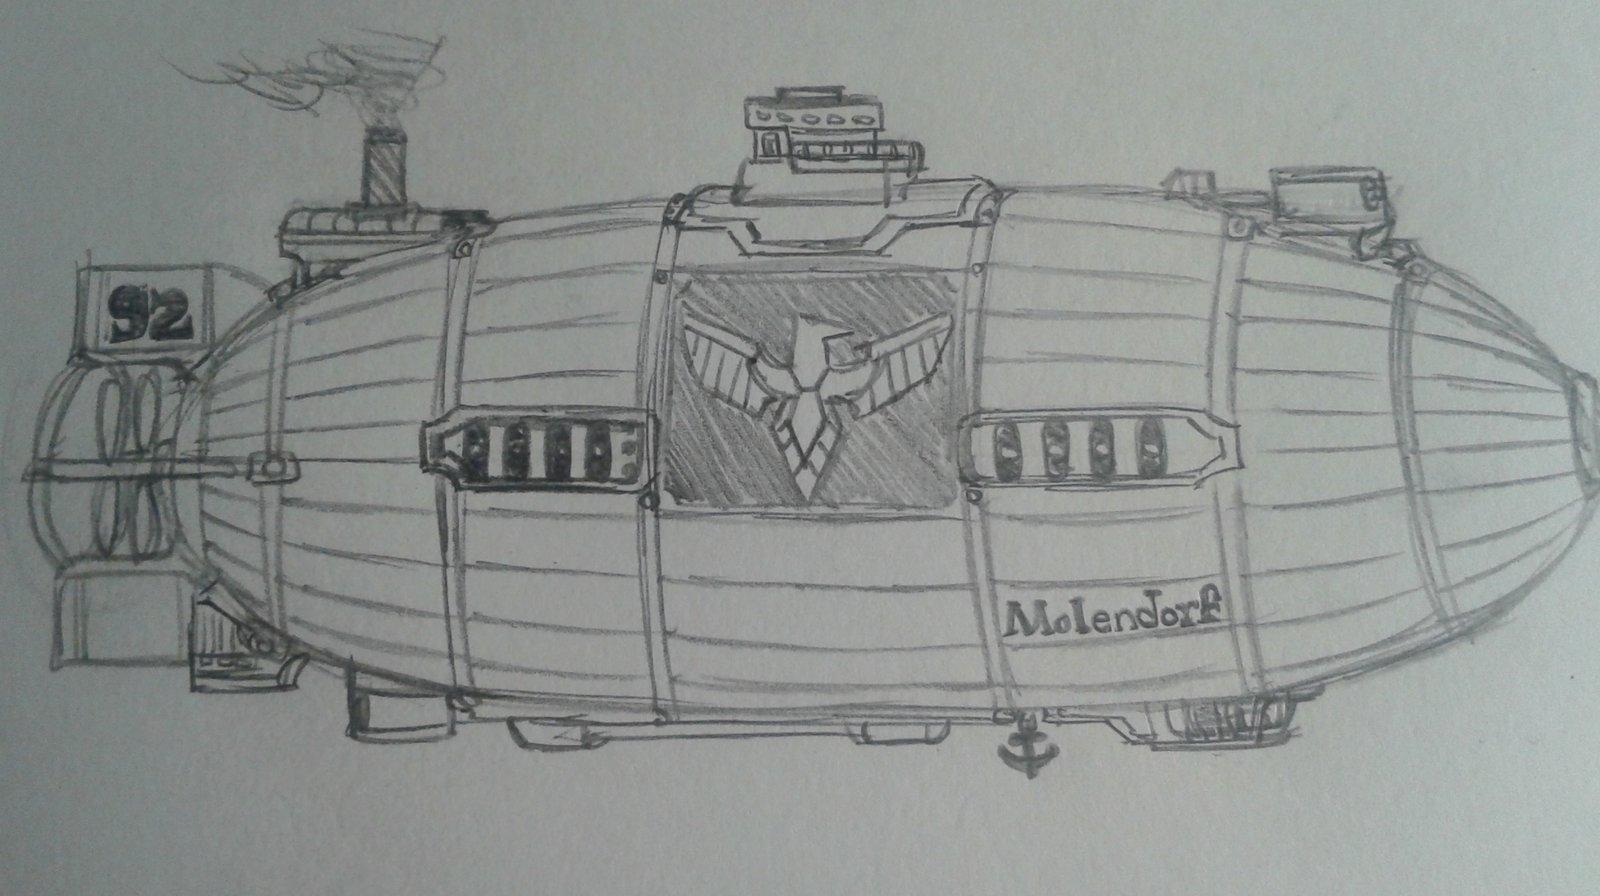 airship.jpg.63bab120dc021aa5c96f6a73ec472e22.jpg